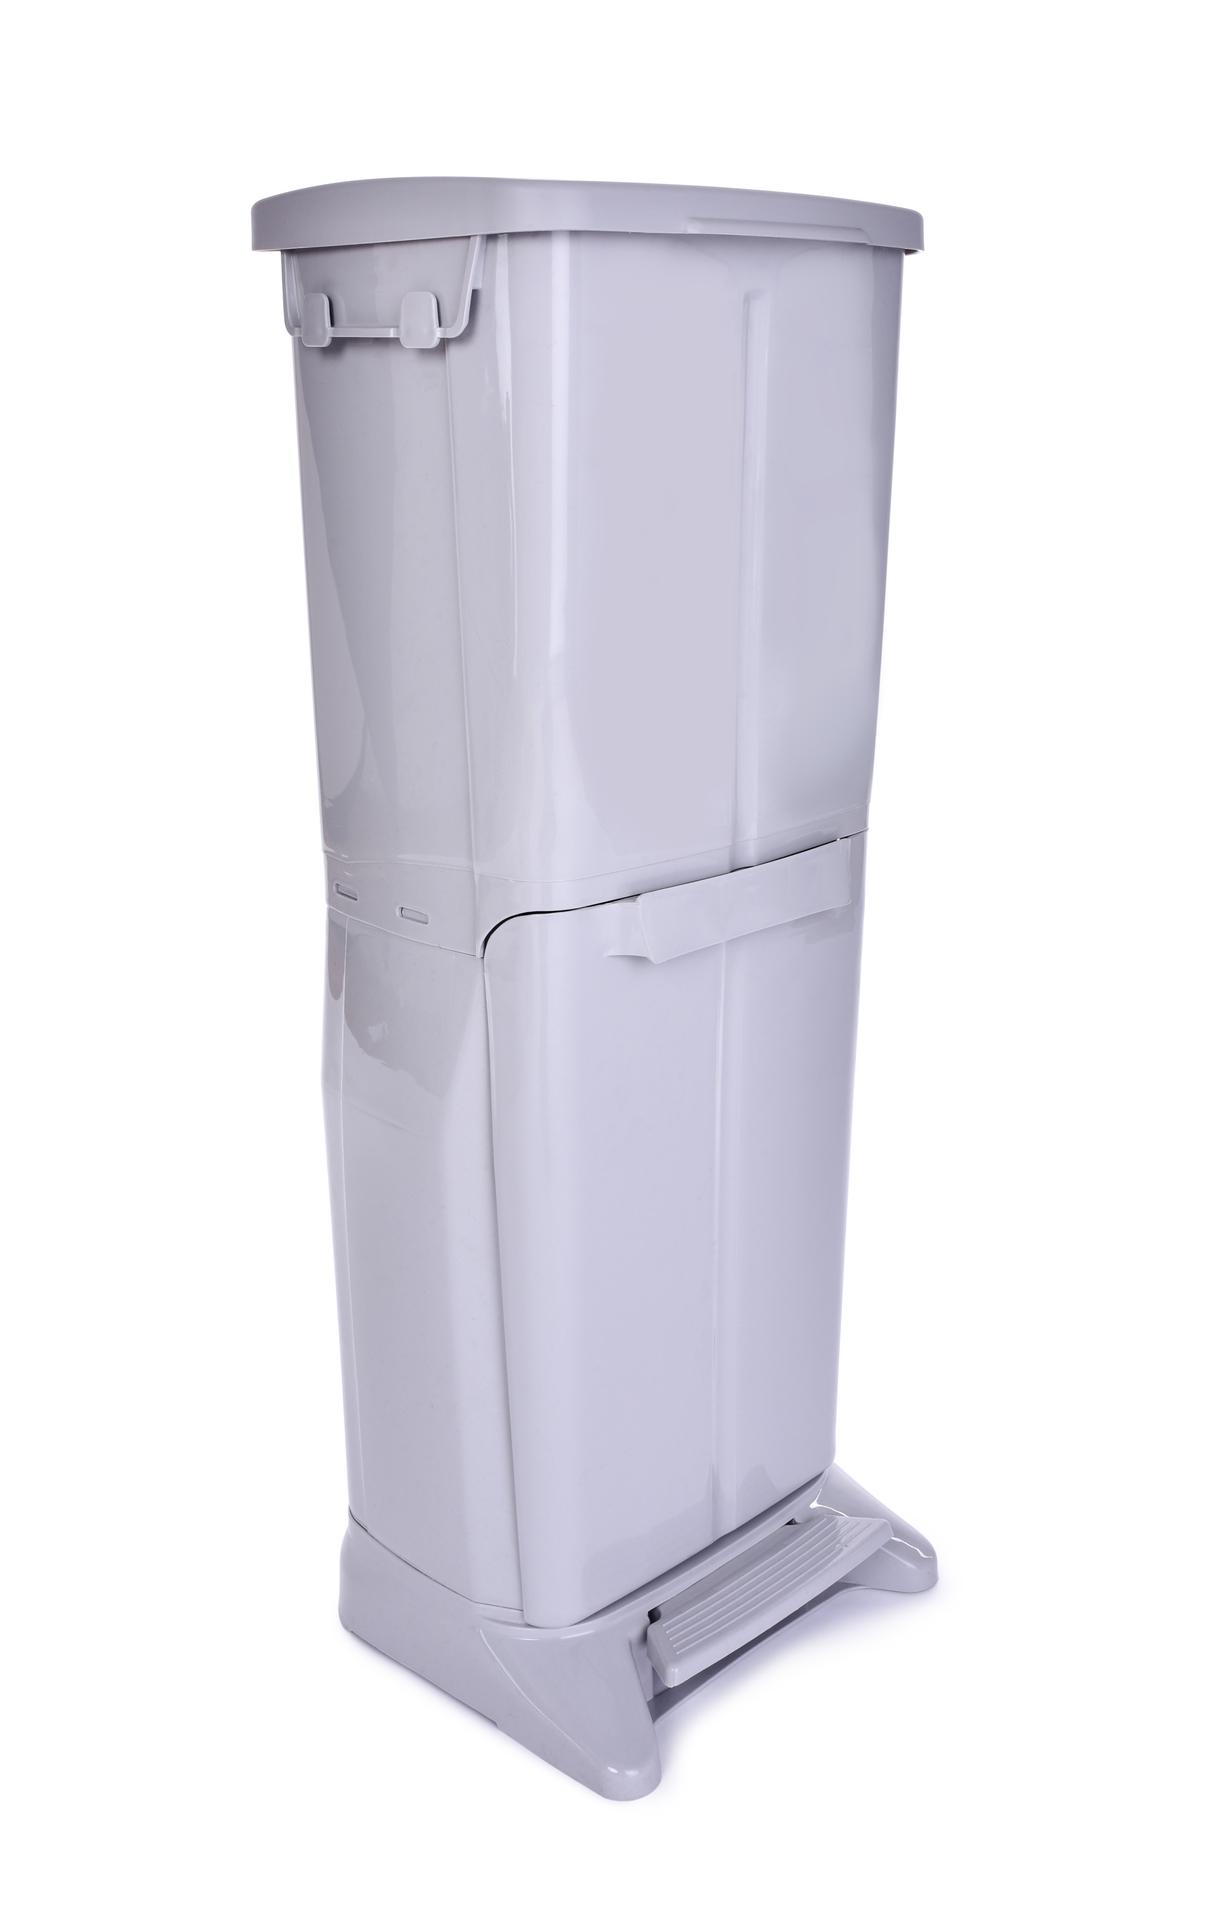 DUO PATROVÝ KOŠ  na tříděný odpad 19 L + 14 L